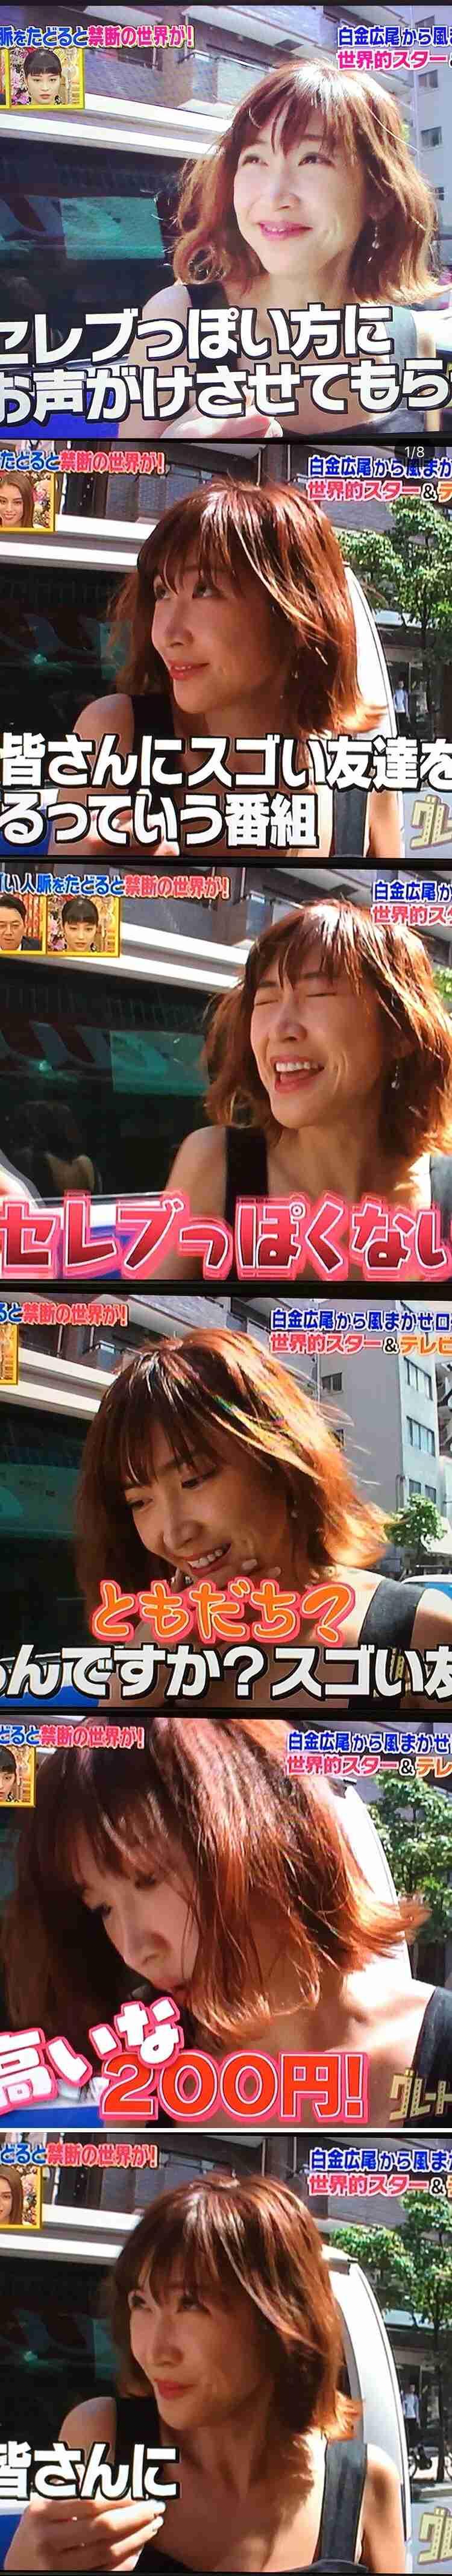 紗栄子、2年ぶりテレビ出演へ 自身のInstagramにて予告